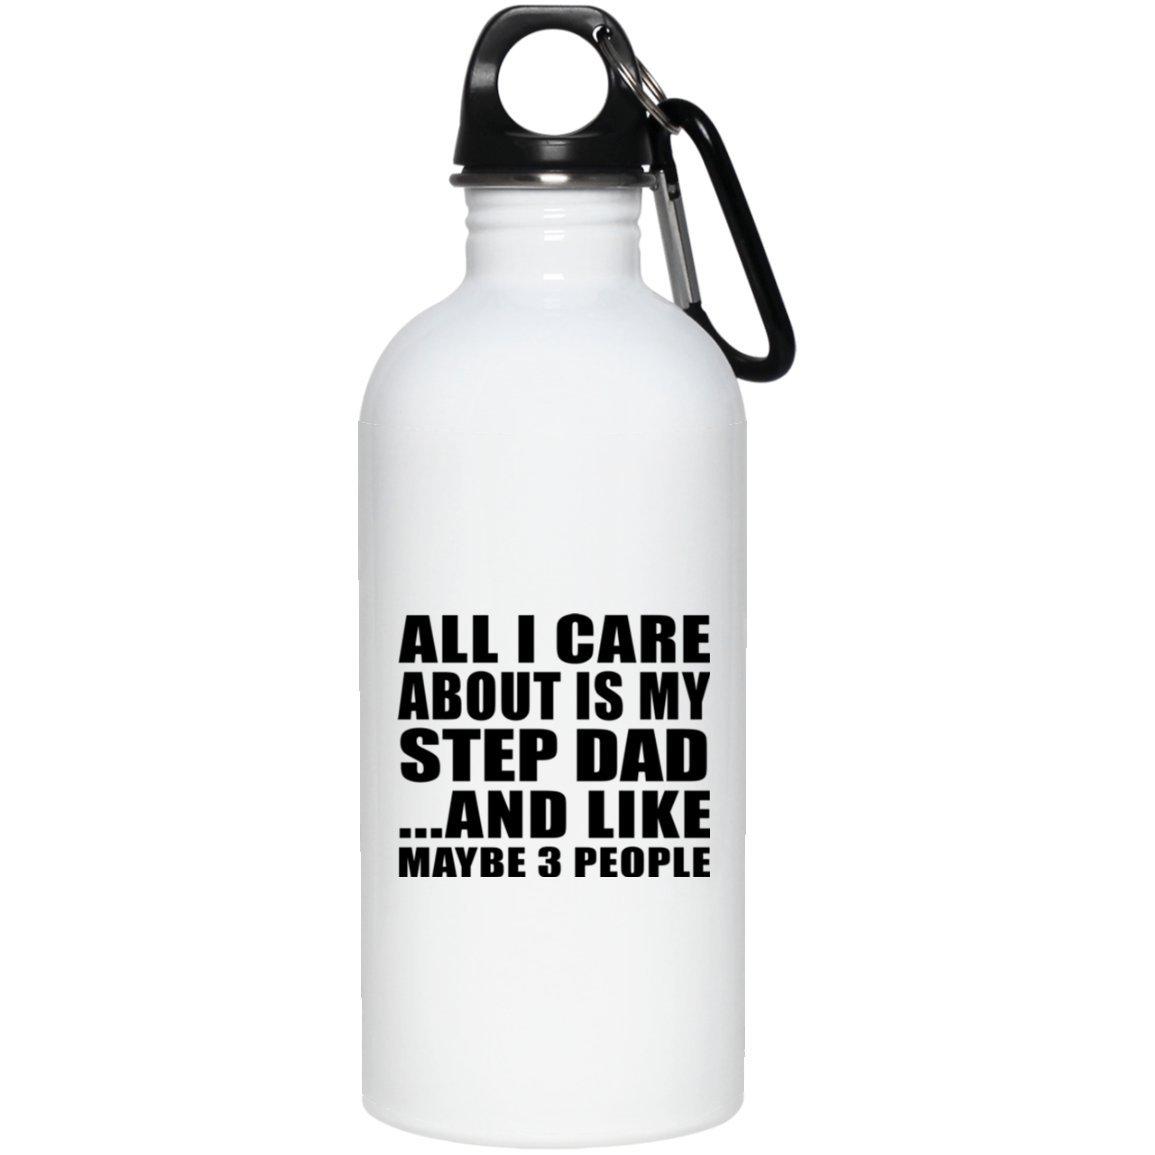 all I Care About Is My Step Dad - Water Bottle Borraccia Acciaio Inossidabile Termico - Regalo per Compleanno Anniversario Festa della Mamma del papà Pasqua